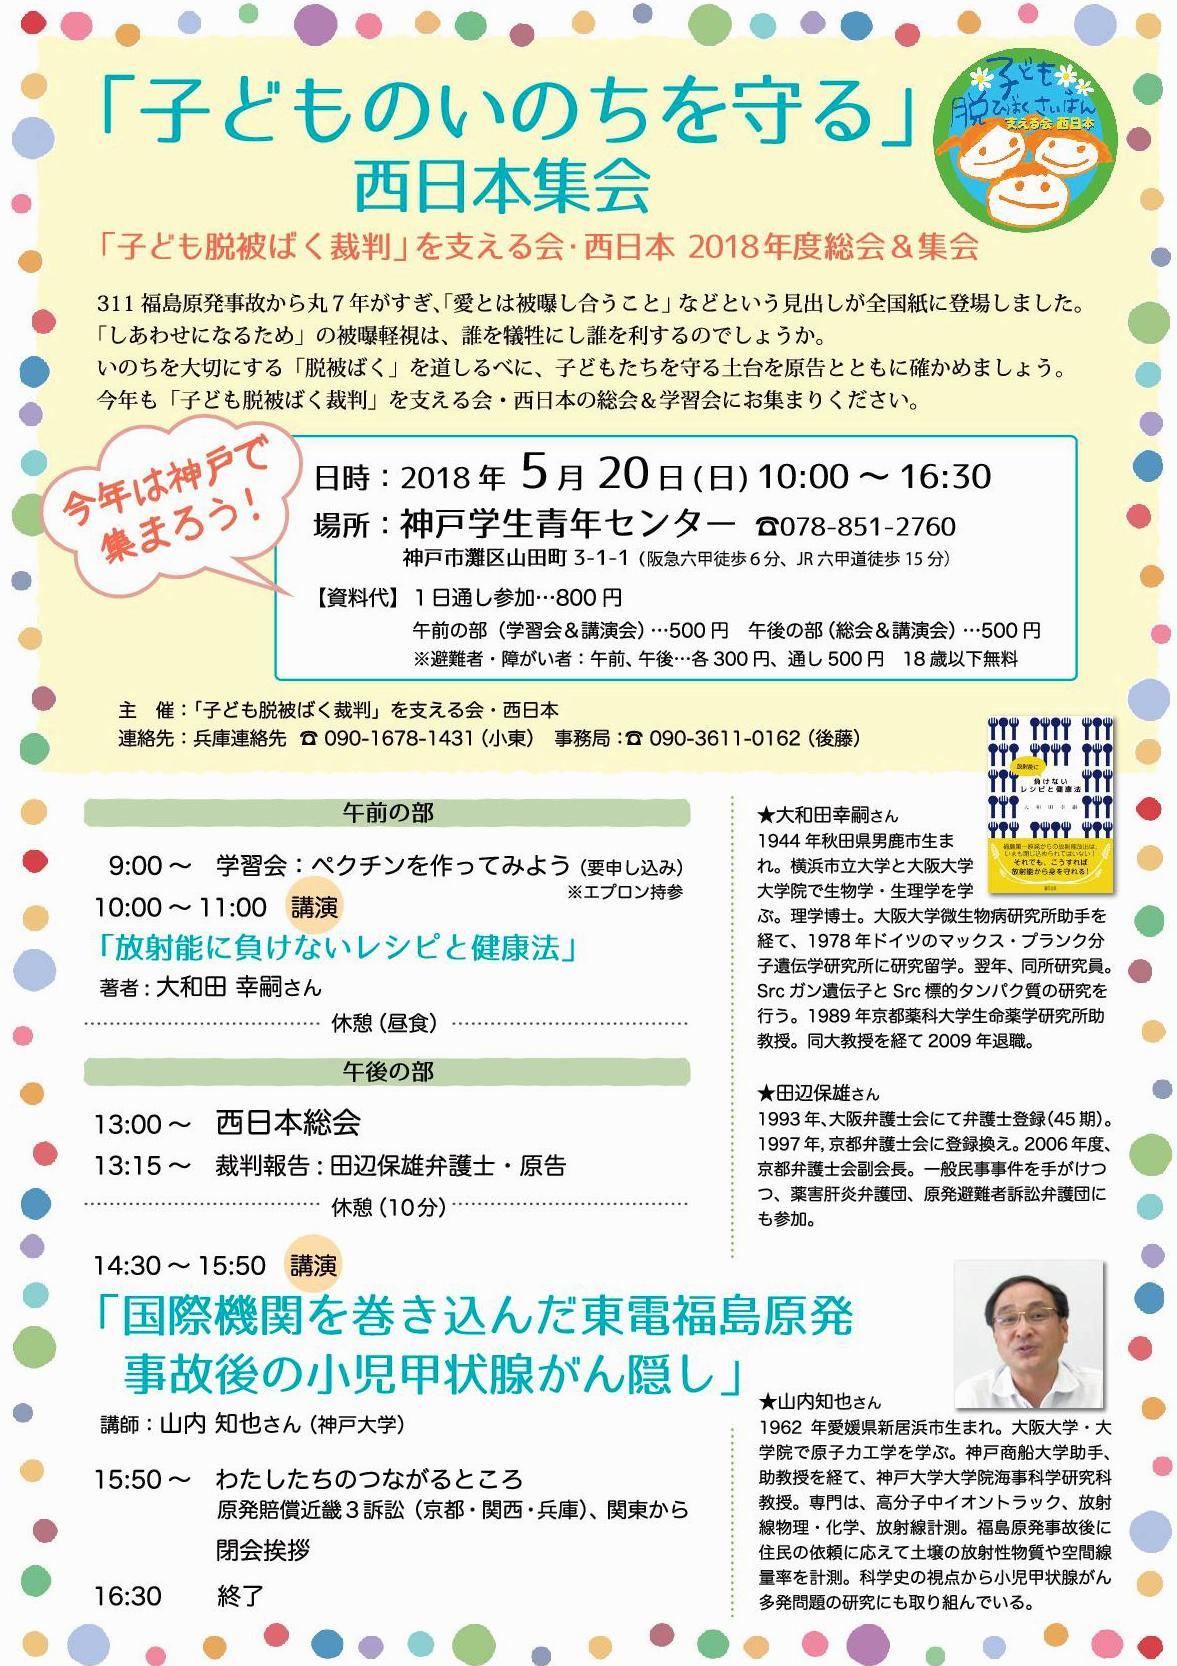 20180520支・西総会